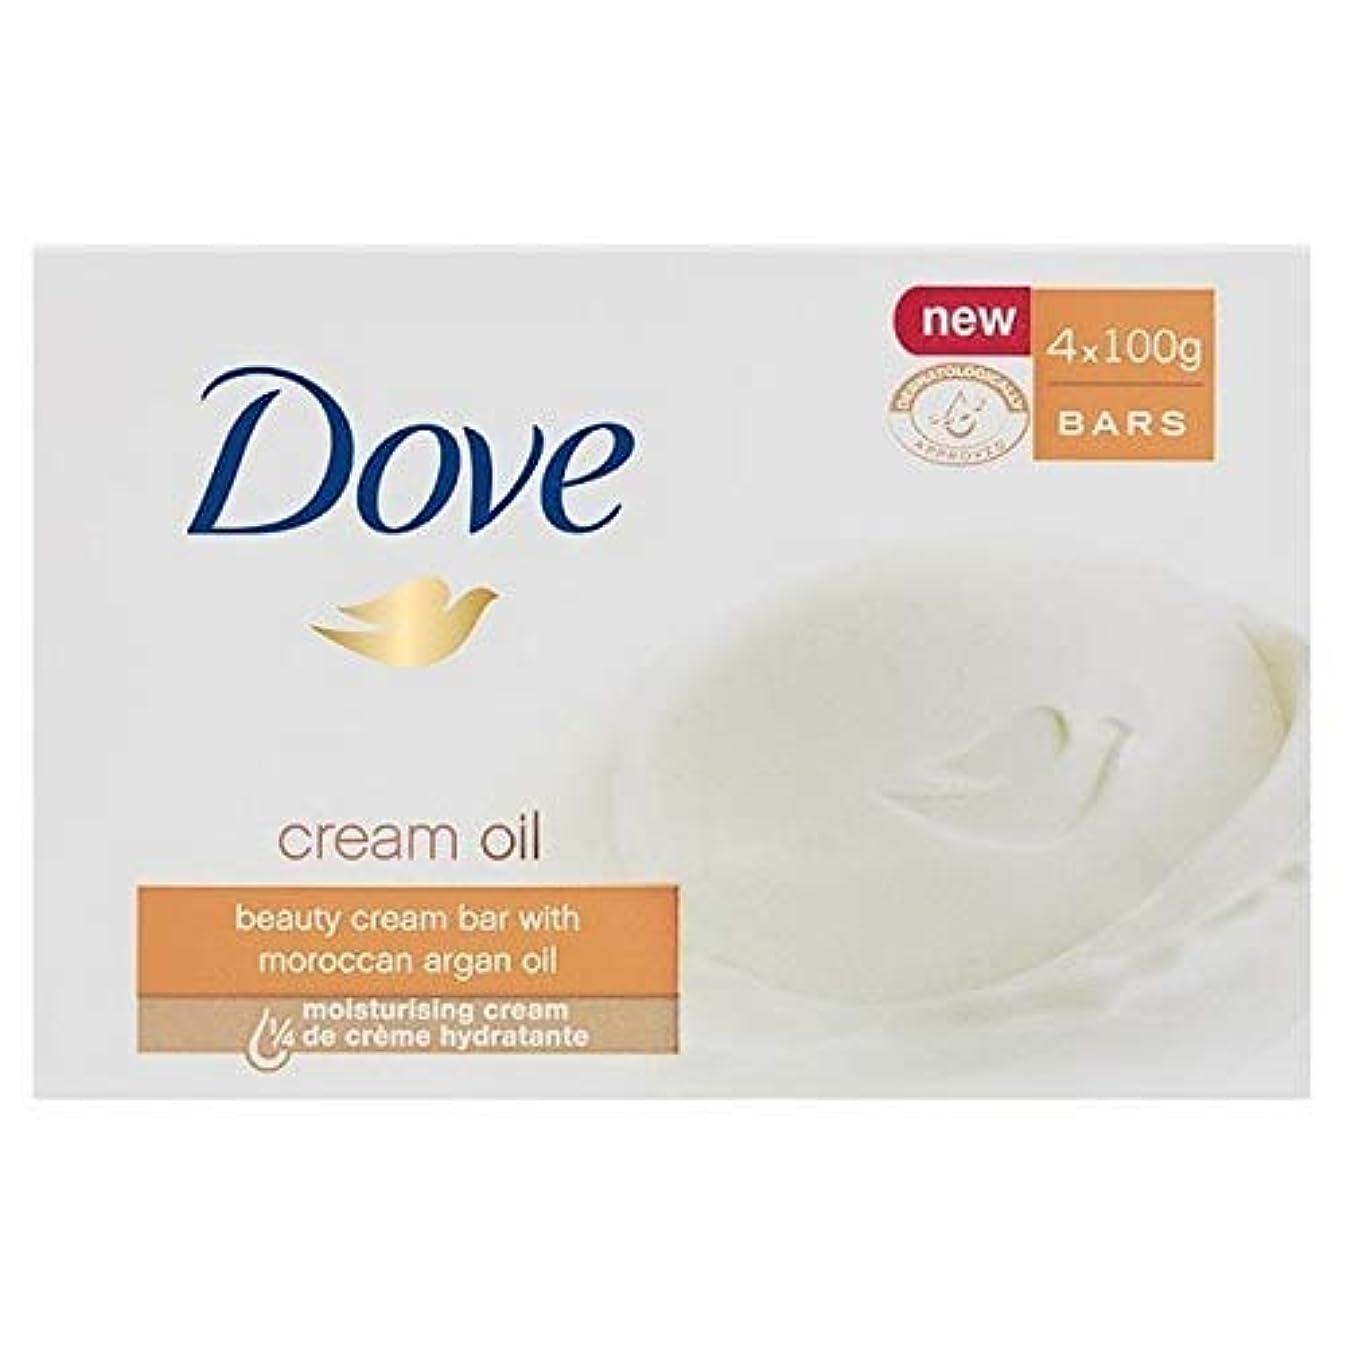 極めて重要な収入シェア[Dove ] アルガンオイル美容クリーム石鹸4×100グラムを剥離鳩 - Dove Exfoliating Argan Oil Beauty Cream Soap Bar 4 x 100g [並行輸入品]